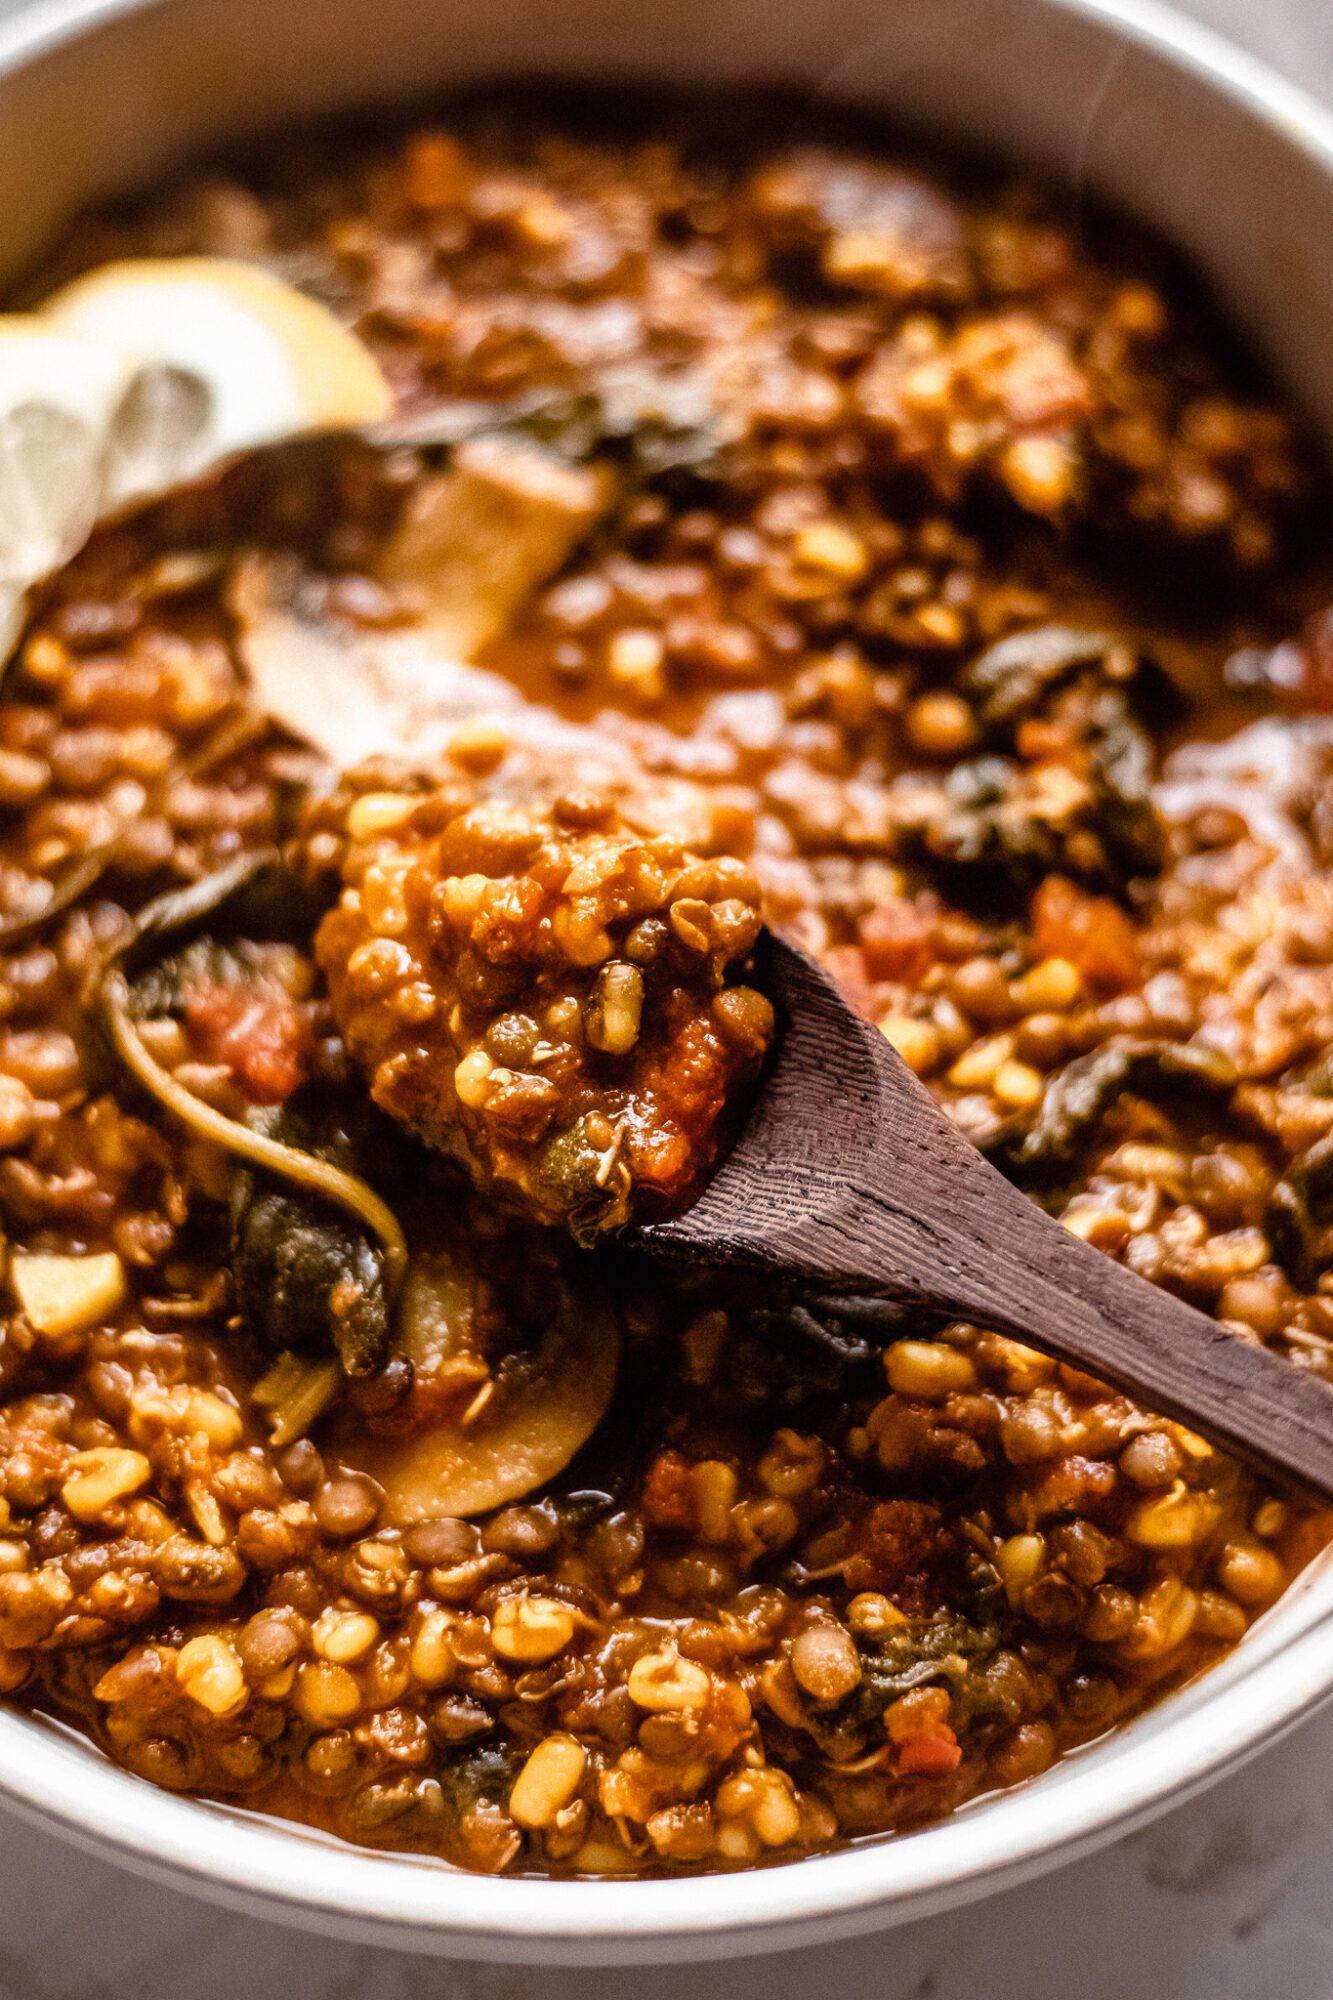 spoon with lentil soup